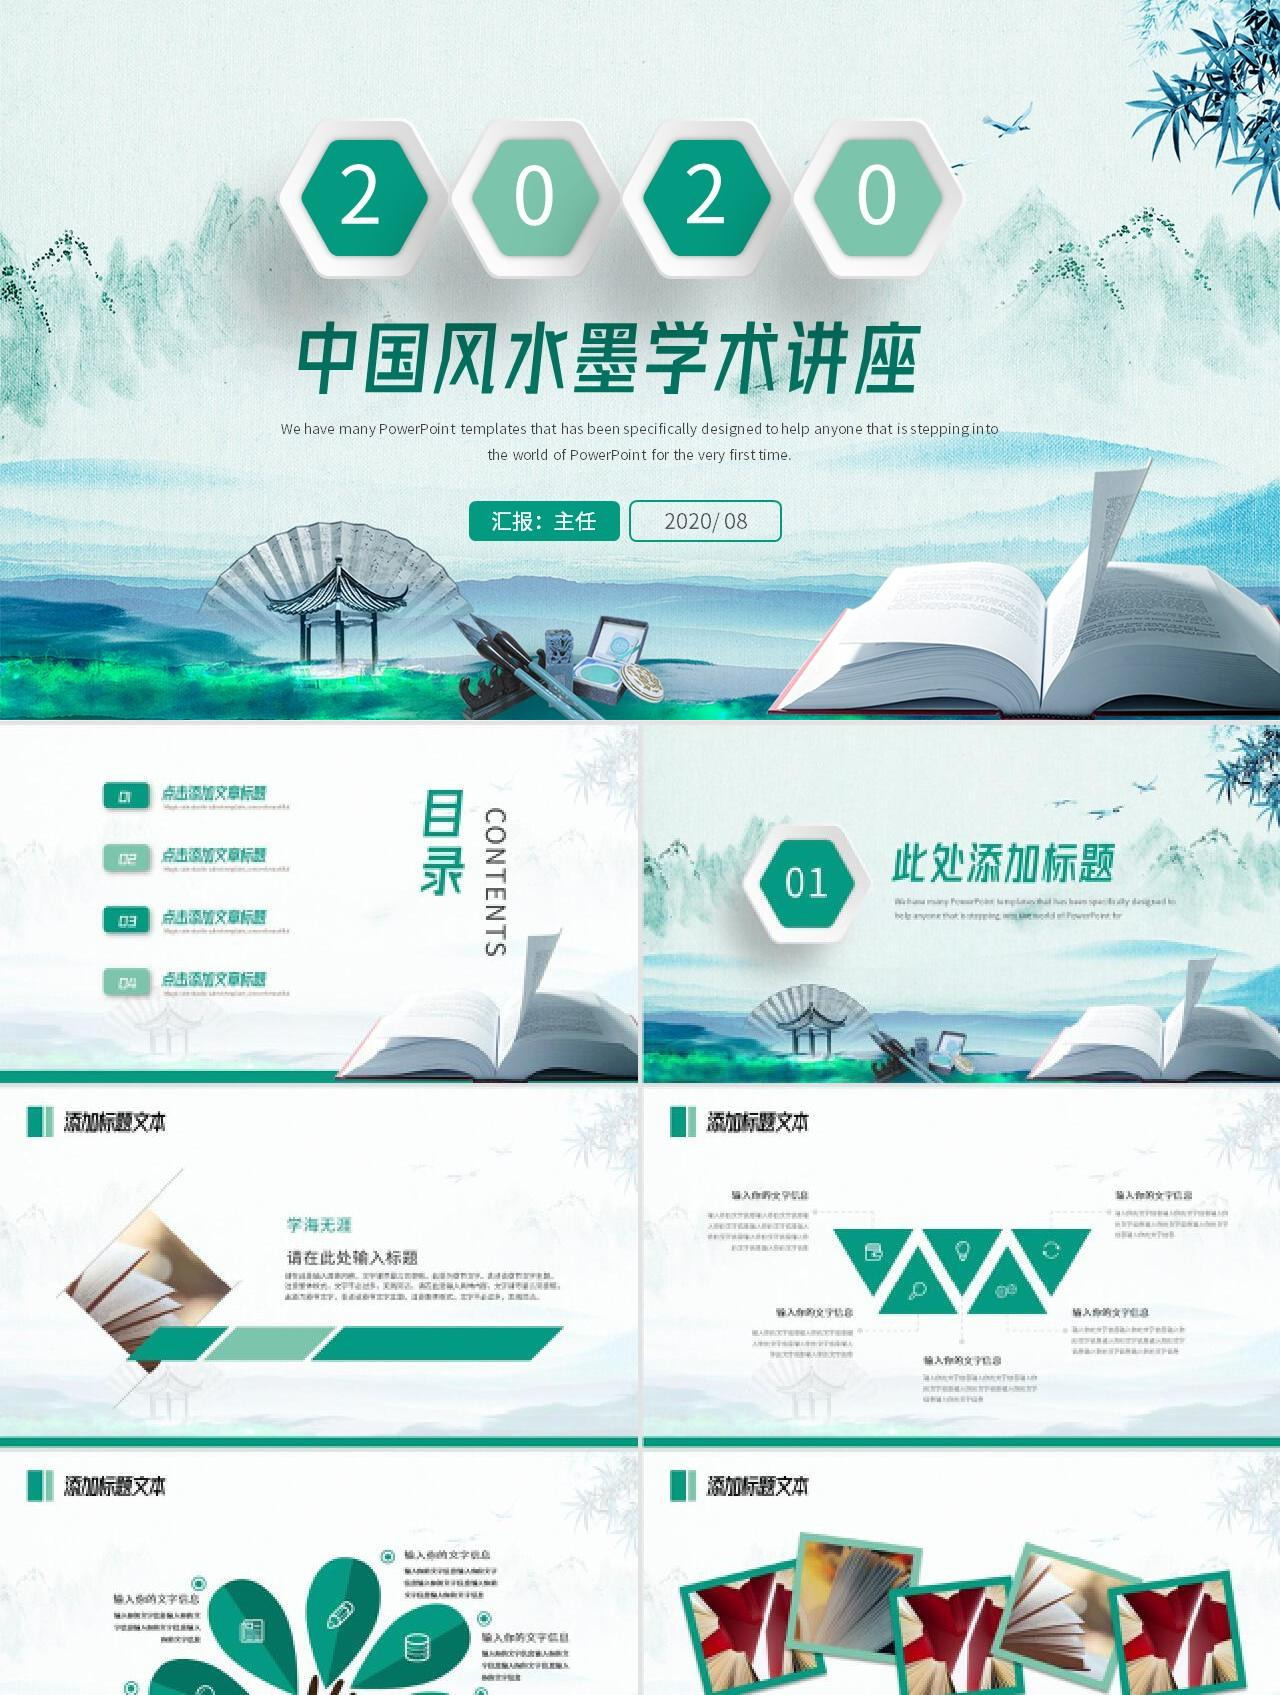 中国风水墨学术讲座教学课件PPT模板